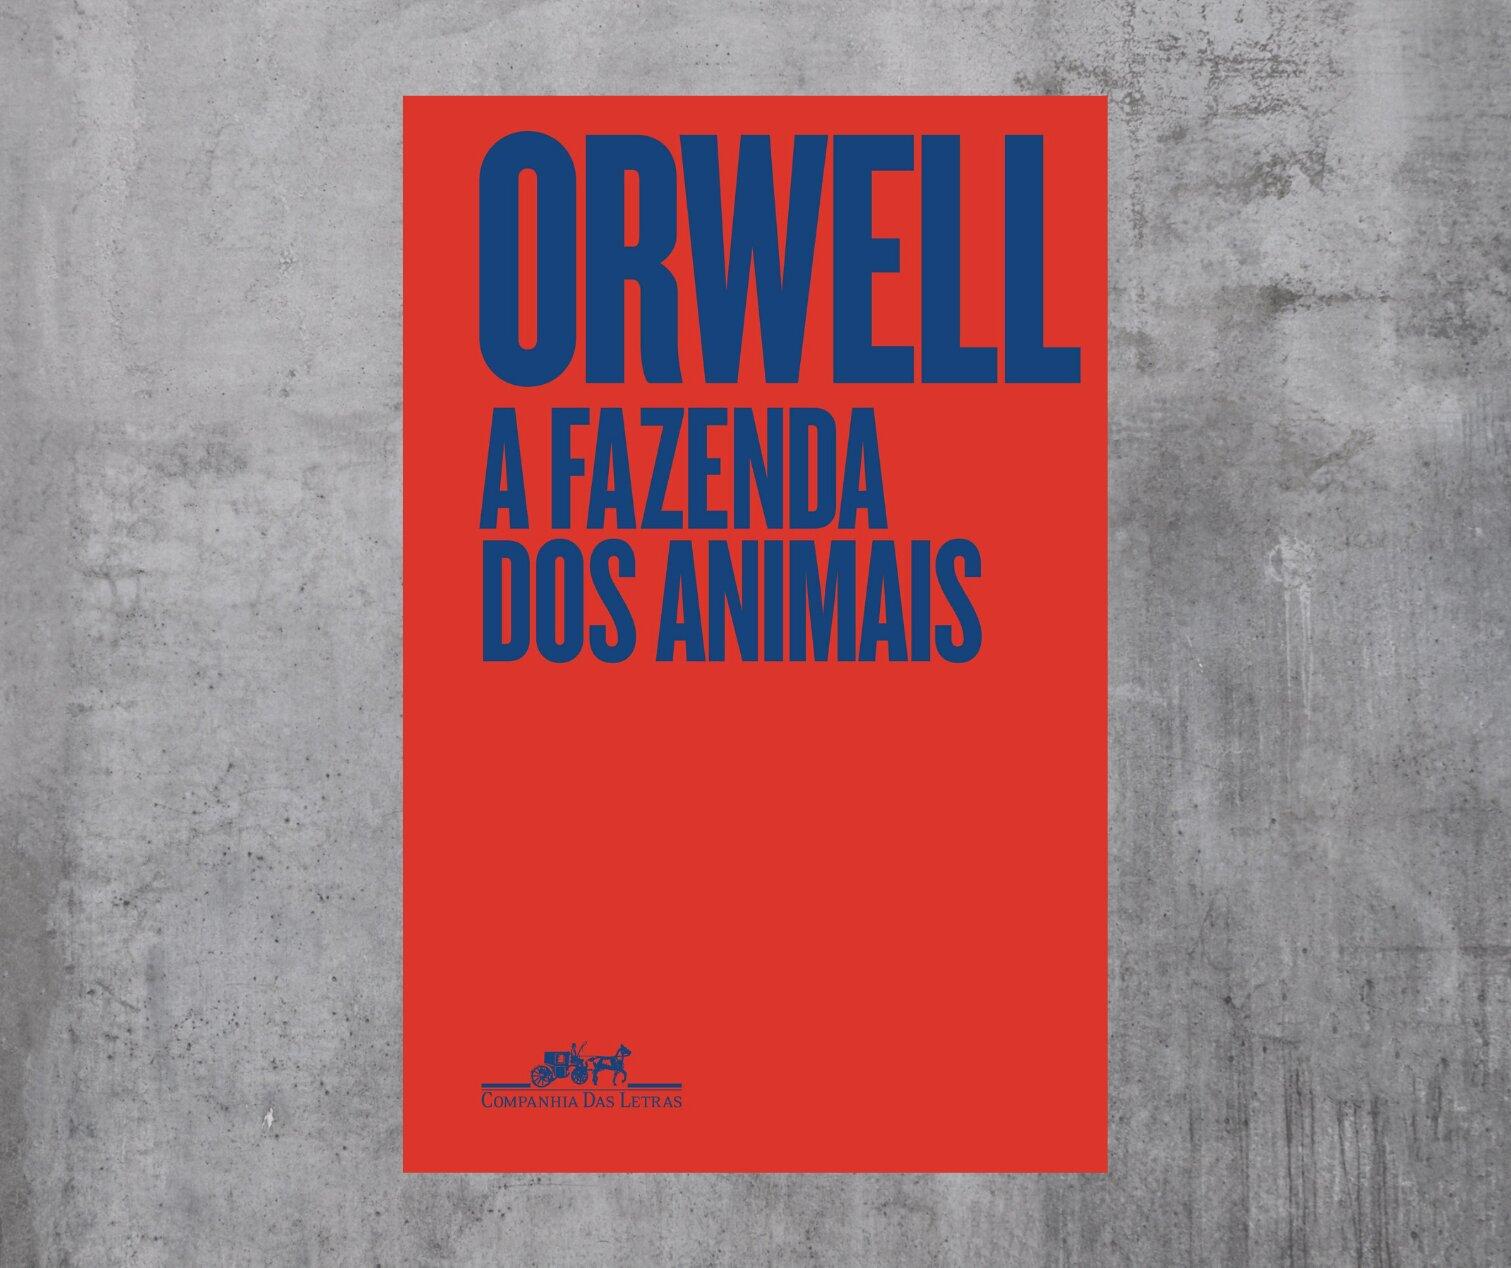 Resenha: A fazenda dos animais, de George Orwell